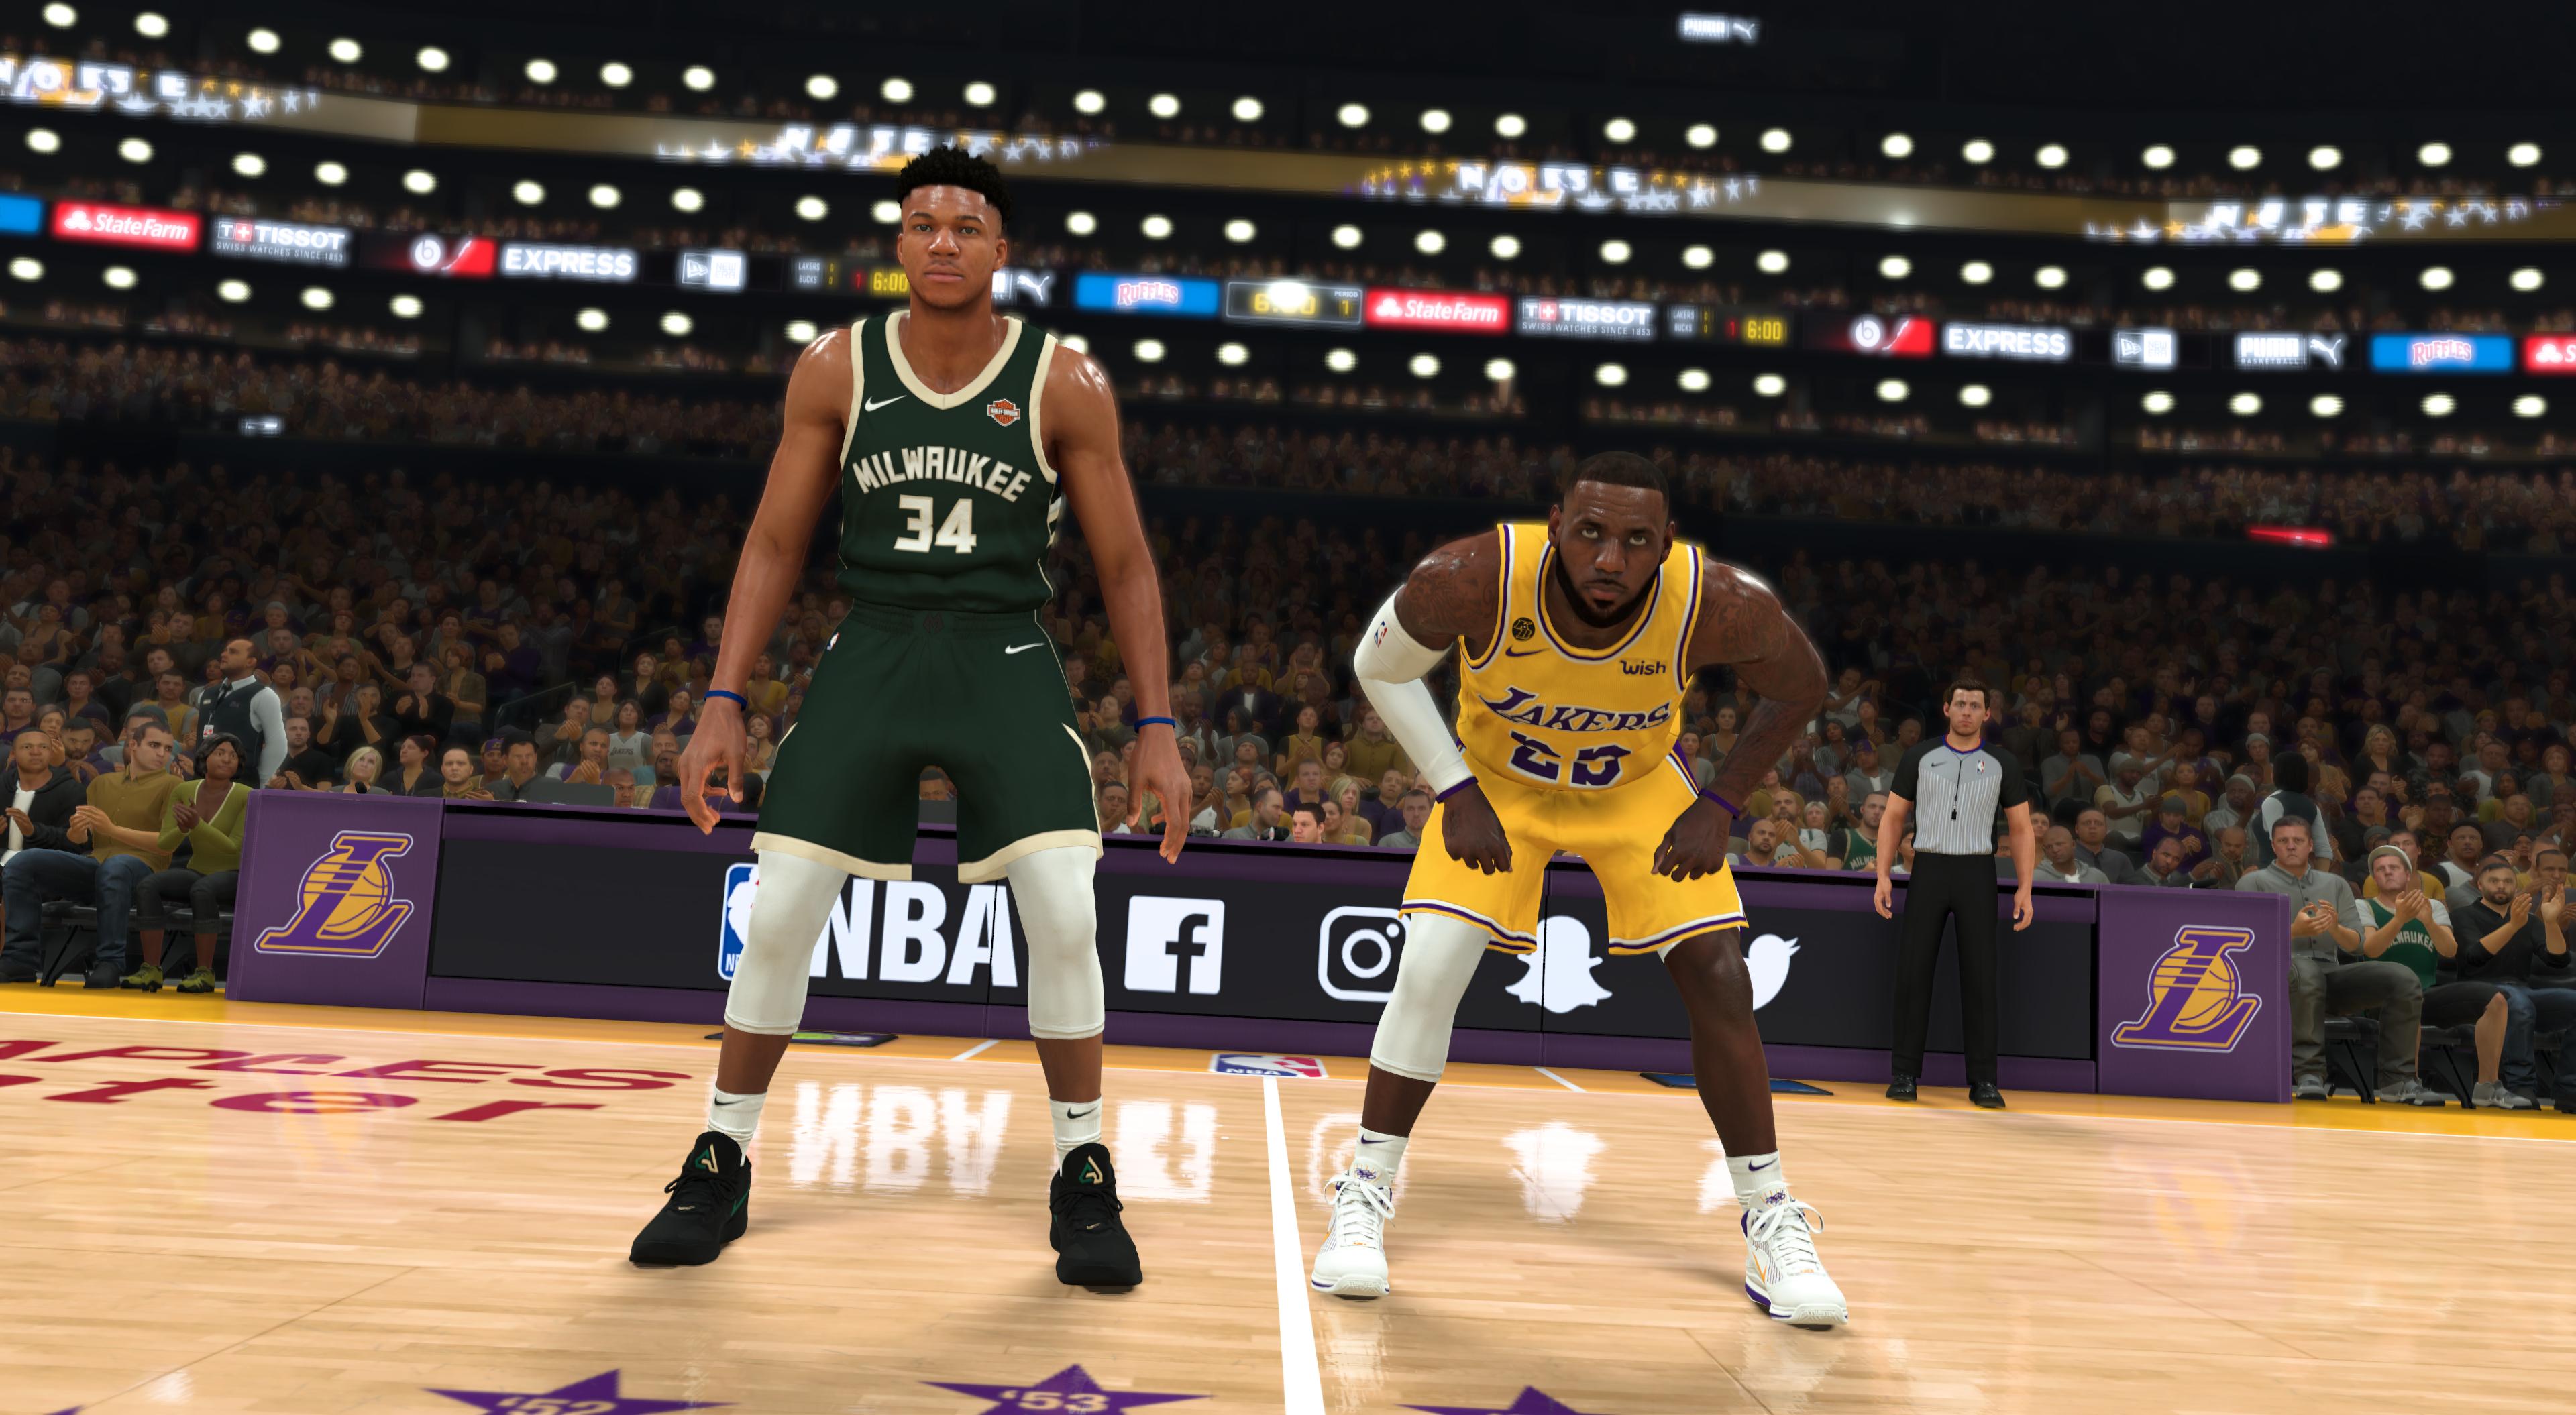 NBA 2K20 #2KSim Conference Finals - LeBron v Giannis